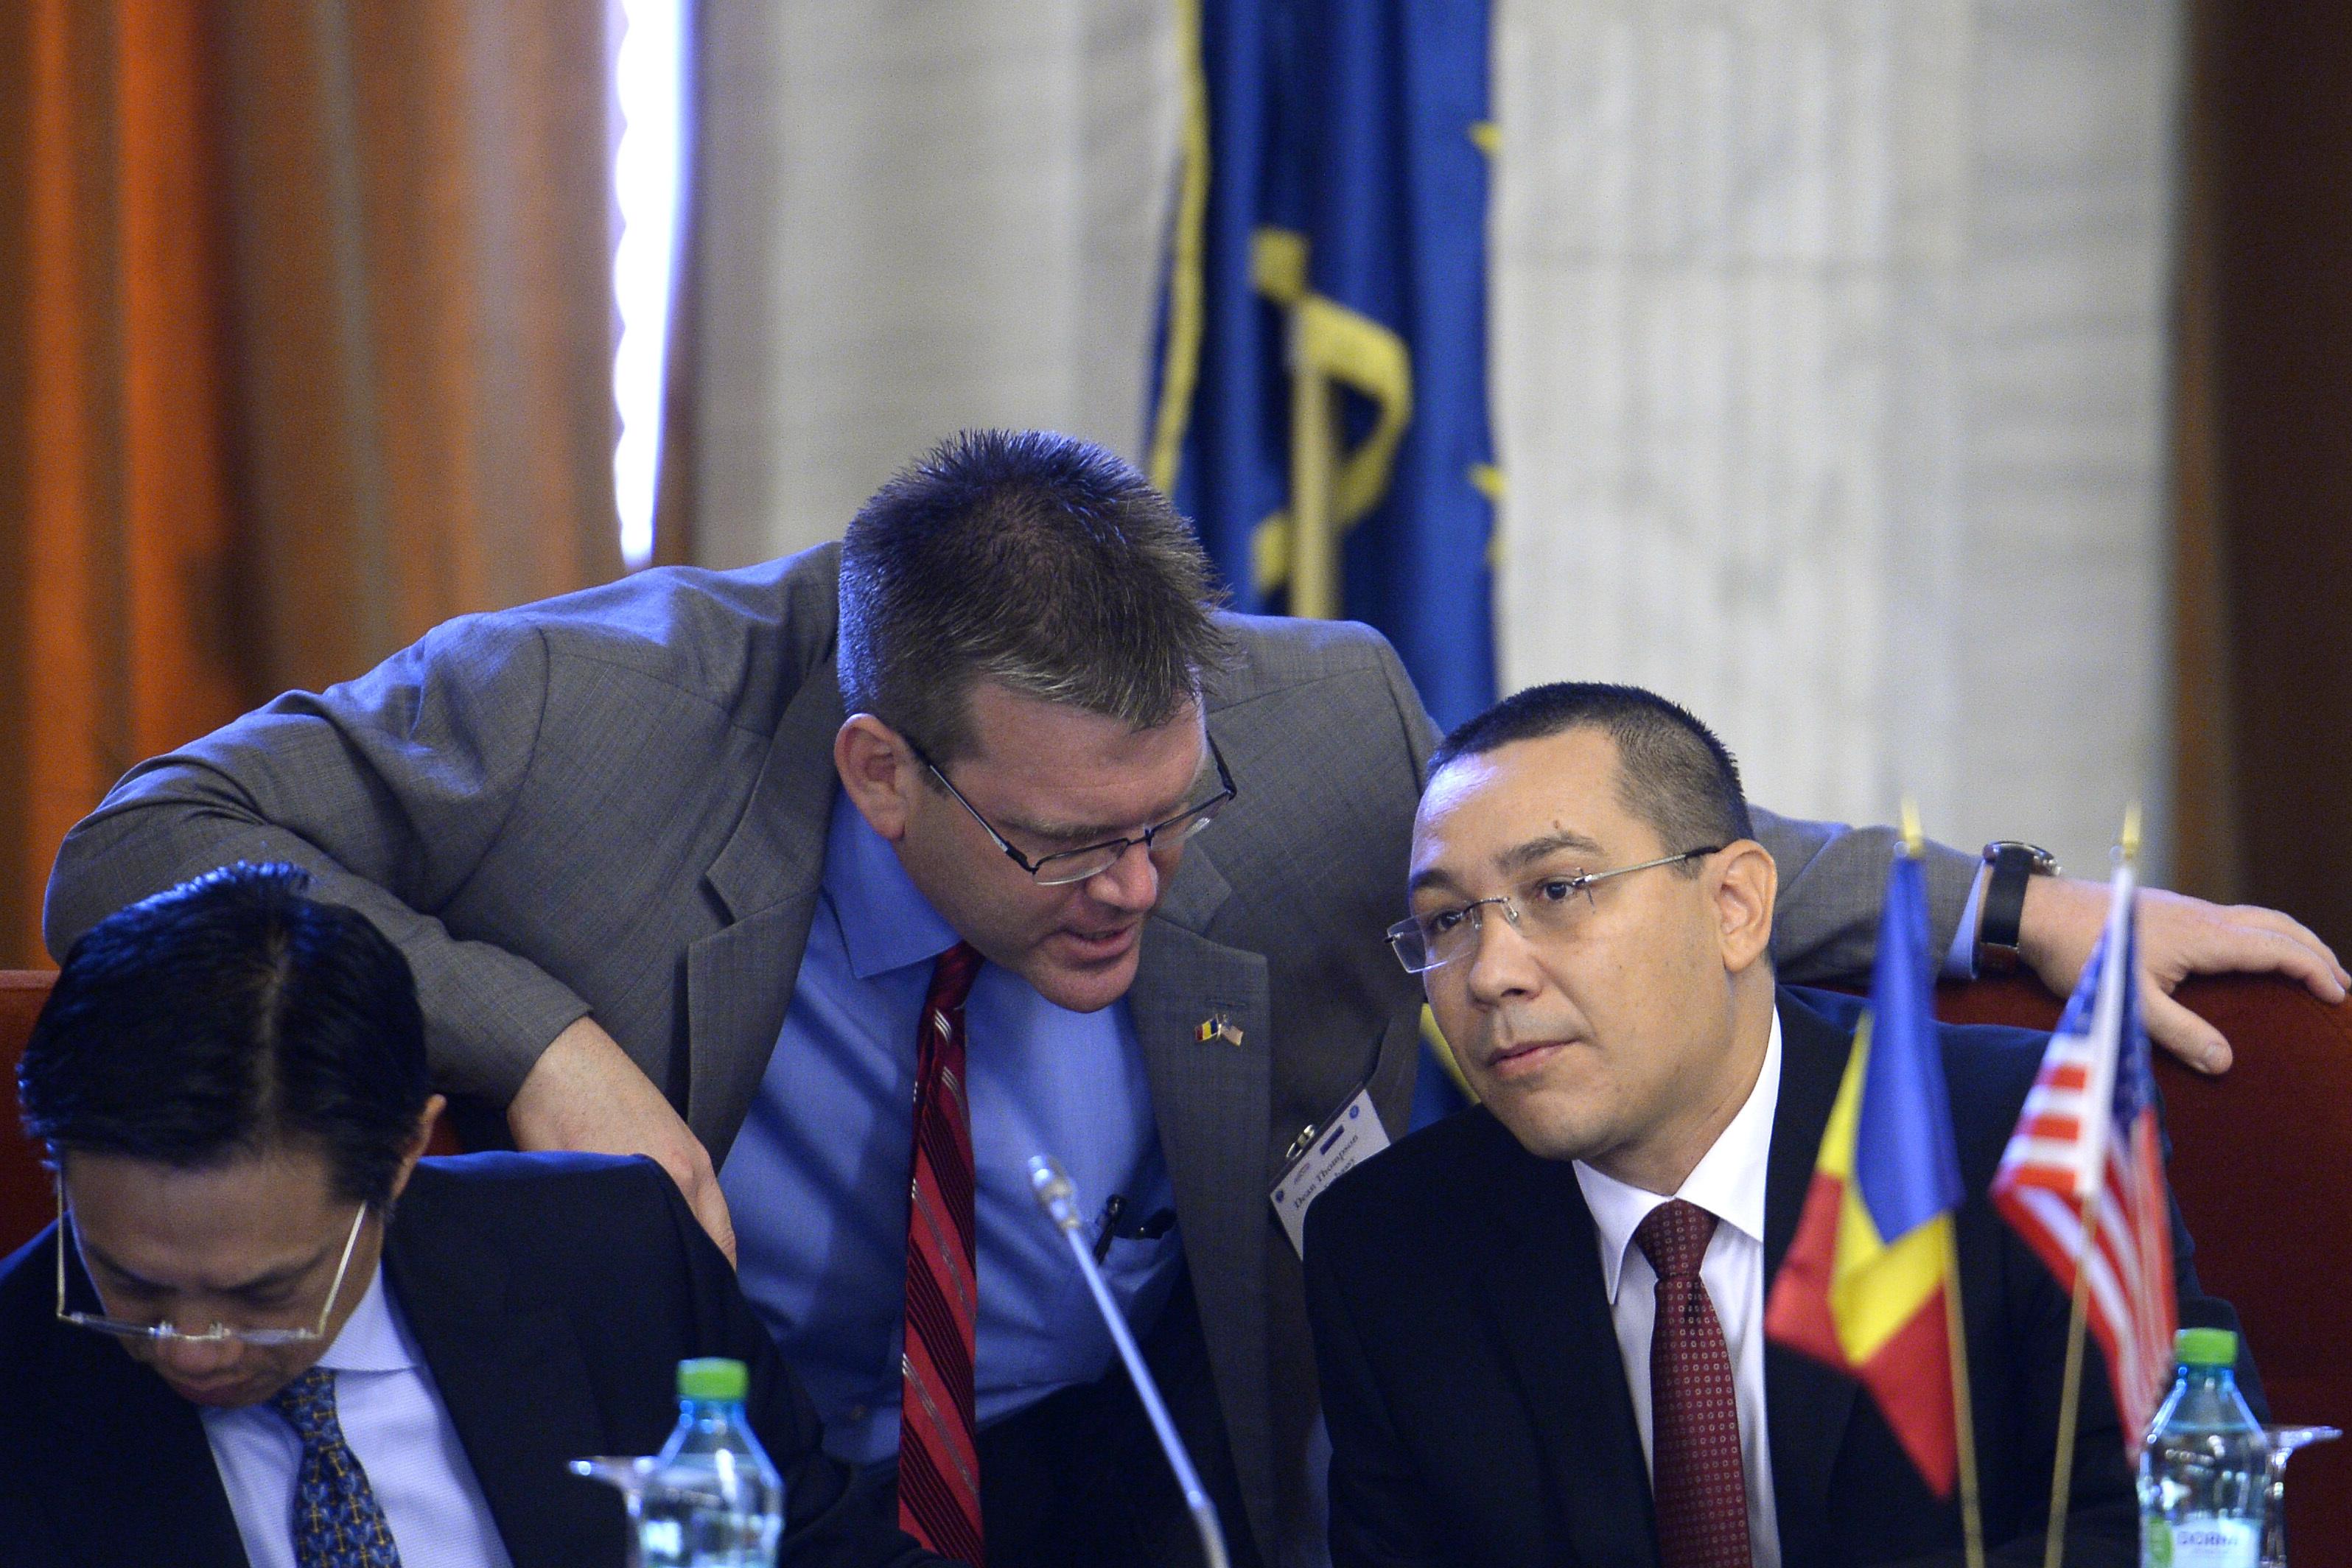 SURPRIZA ANULUI! Adevarul despre vizita lui Ponta la biroul unuia dintre cei mai importanti oameni din Romania. Cine il astepta in spatele usilor inchise